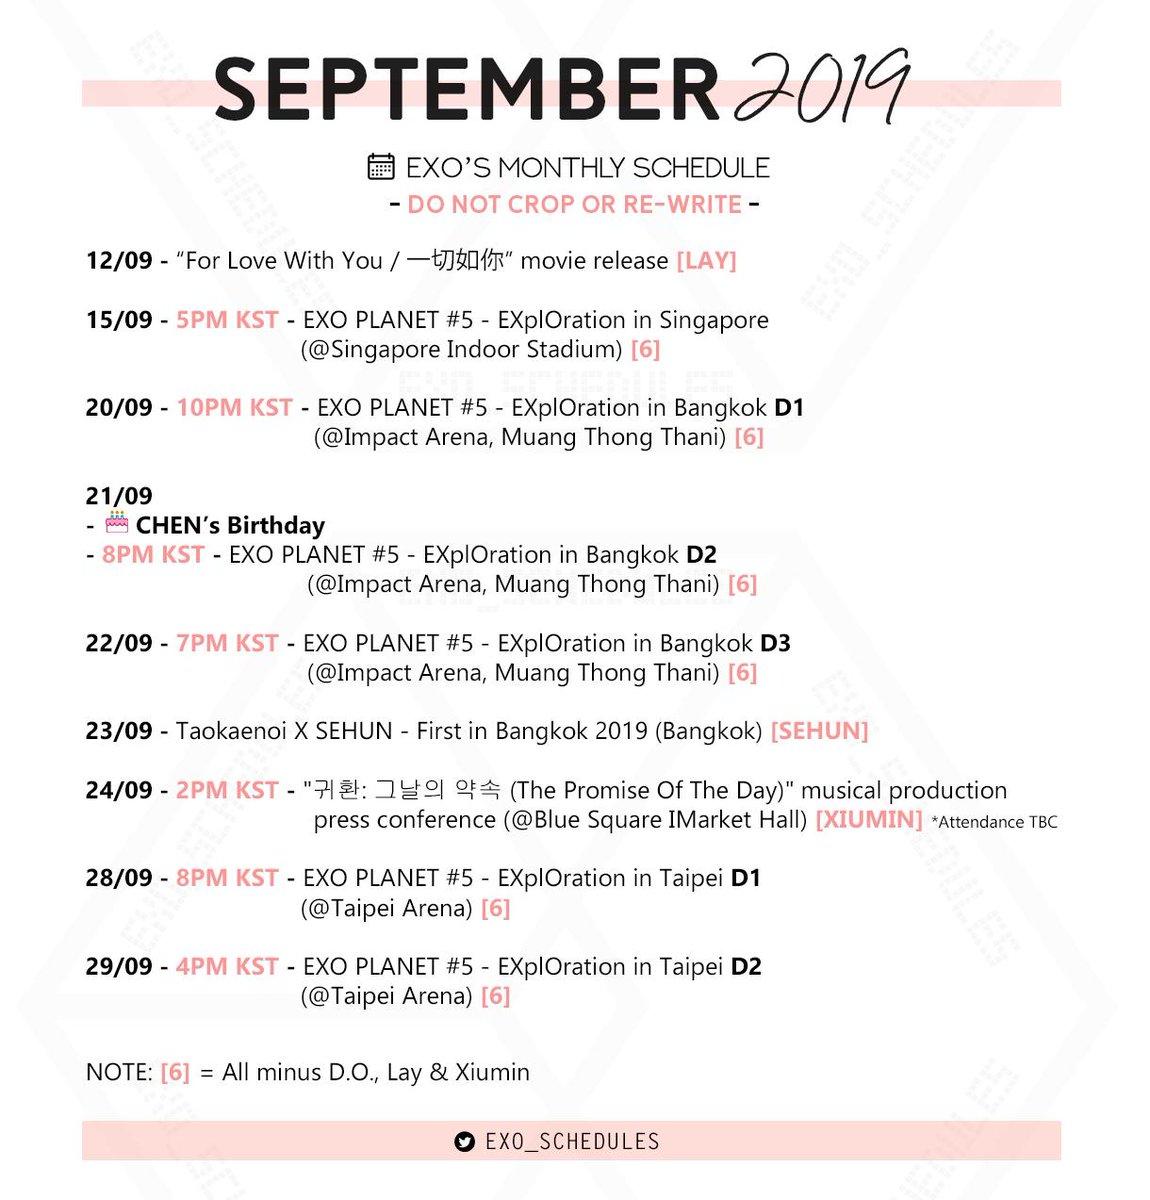 EXO SCHEDULE (@exo_schedules) | Twitter